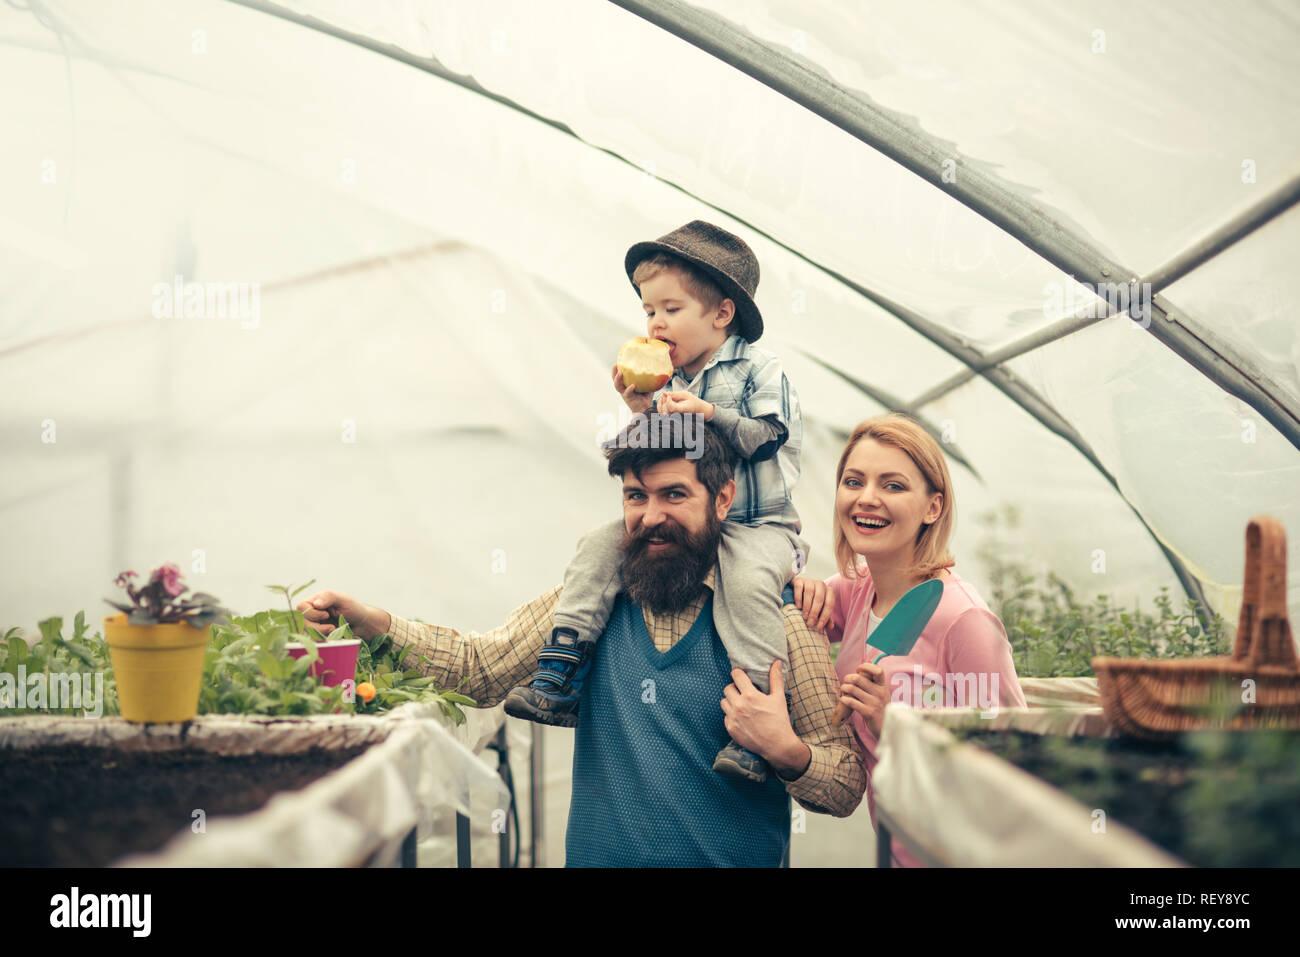 husbandry with happy family. happy family keep husbandry. husbandry with happy family in greenhouse. husbandry with happy family having farm business - Stock Image